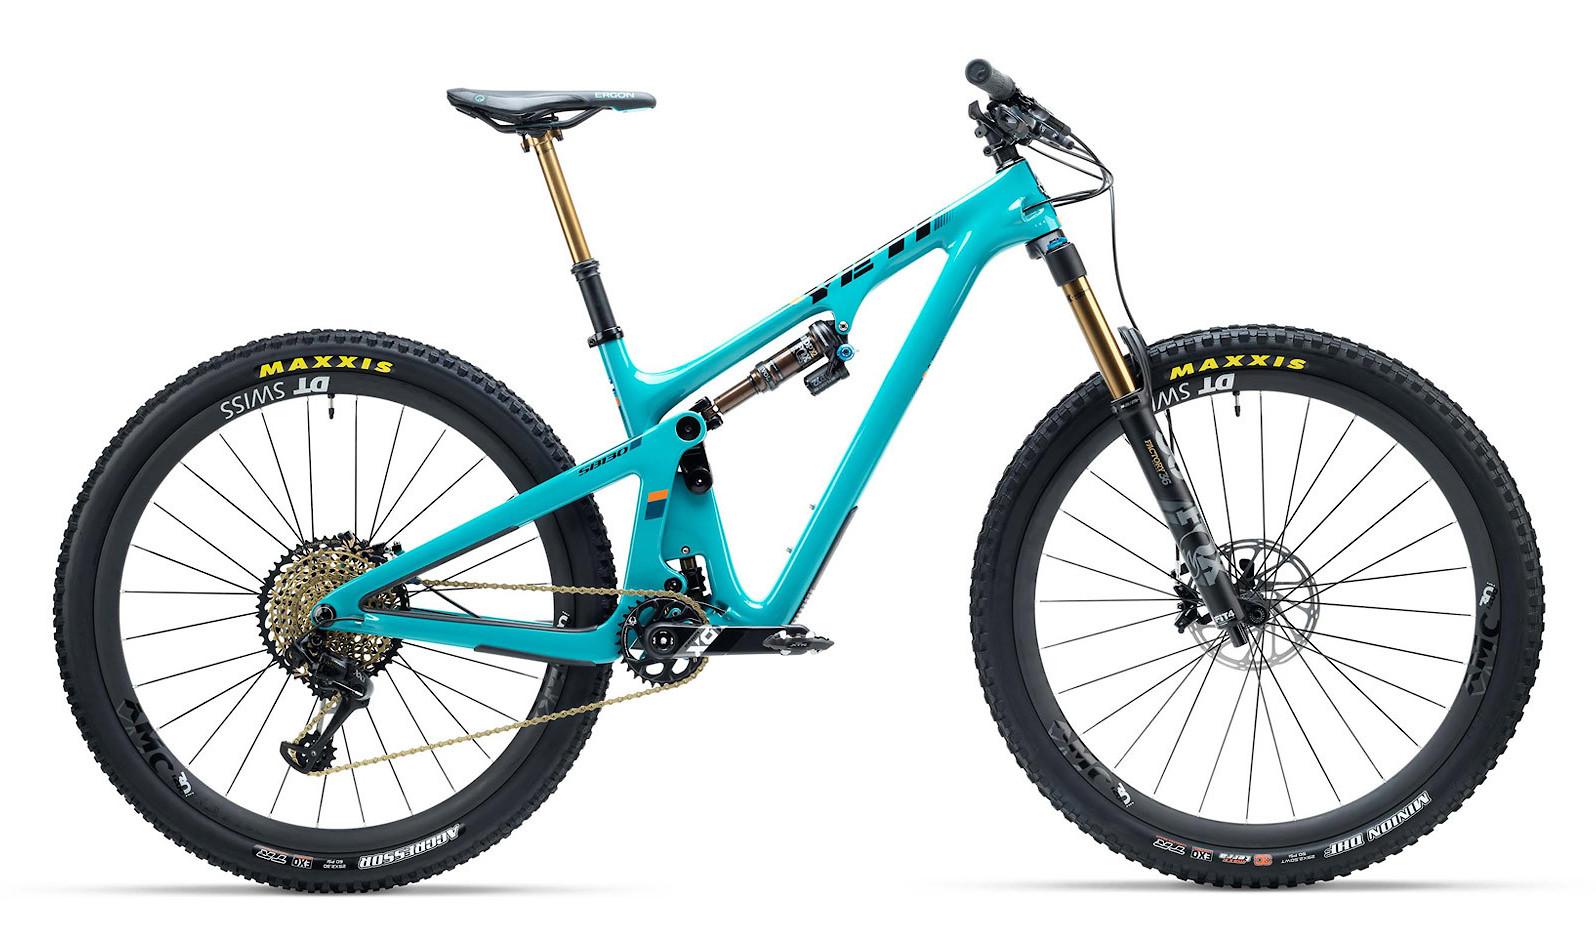 2019 Yeti SB130 Turquoise - Shown with XX1 kit